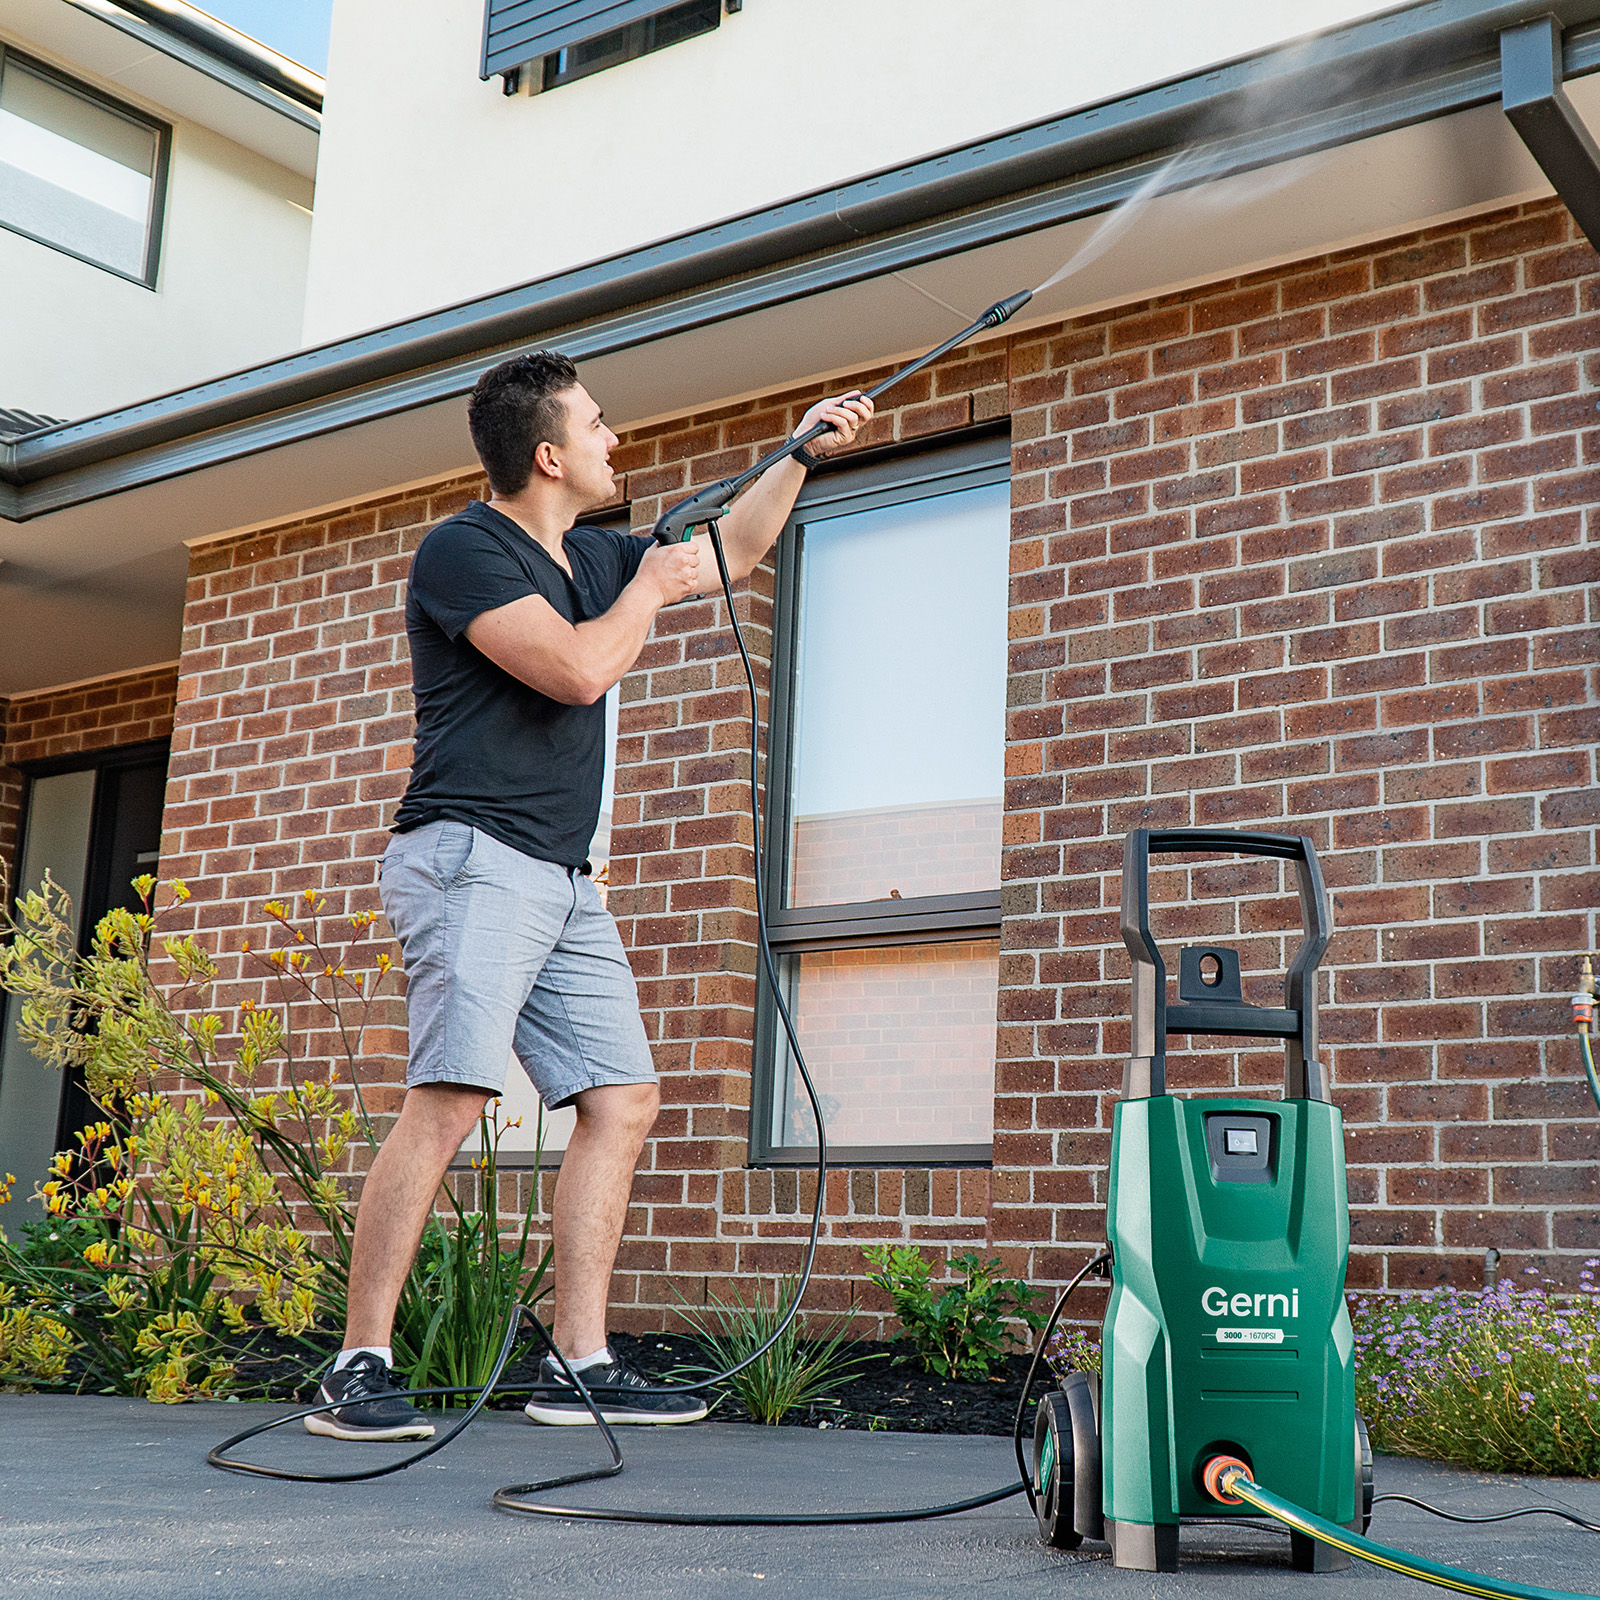 Gerni 3000 - Pressure Clean House Drain